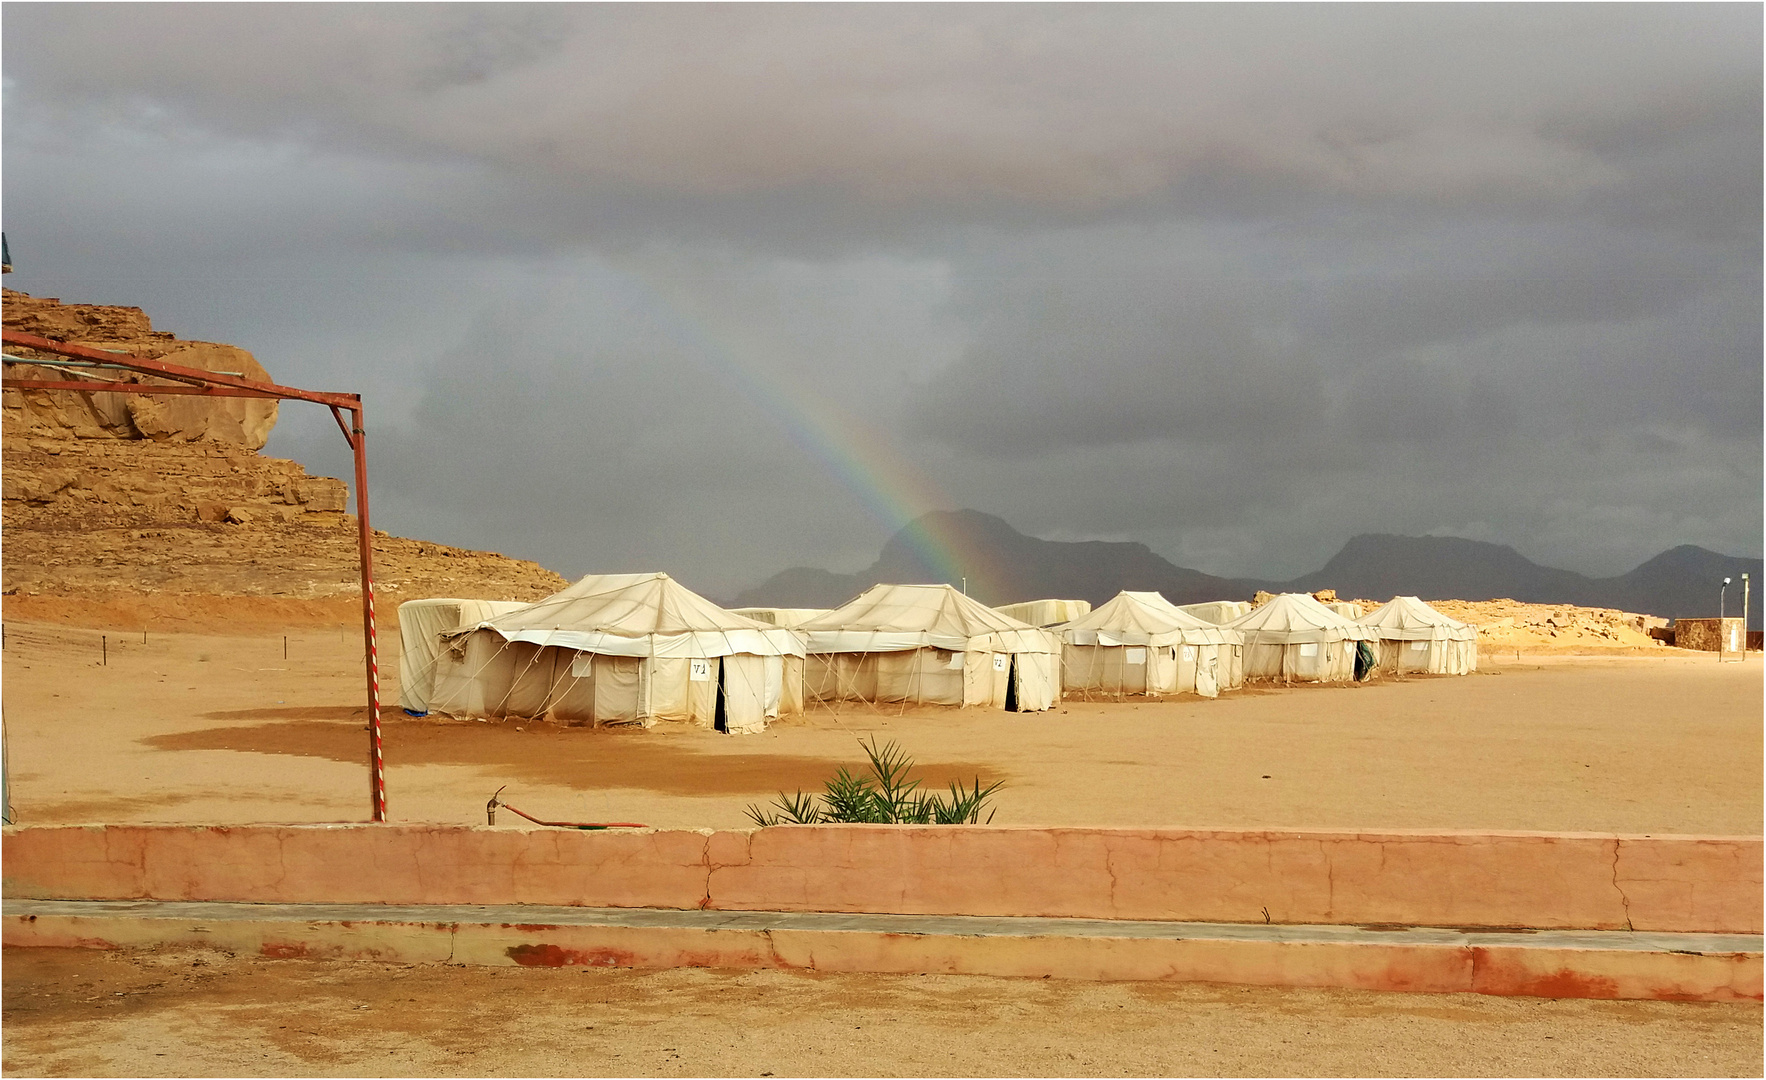 Un campement à Wadi Rum